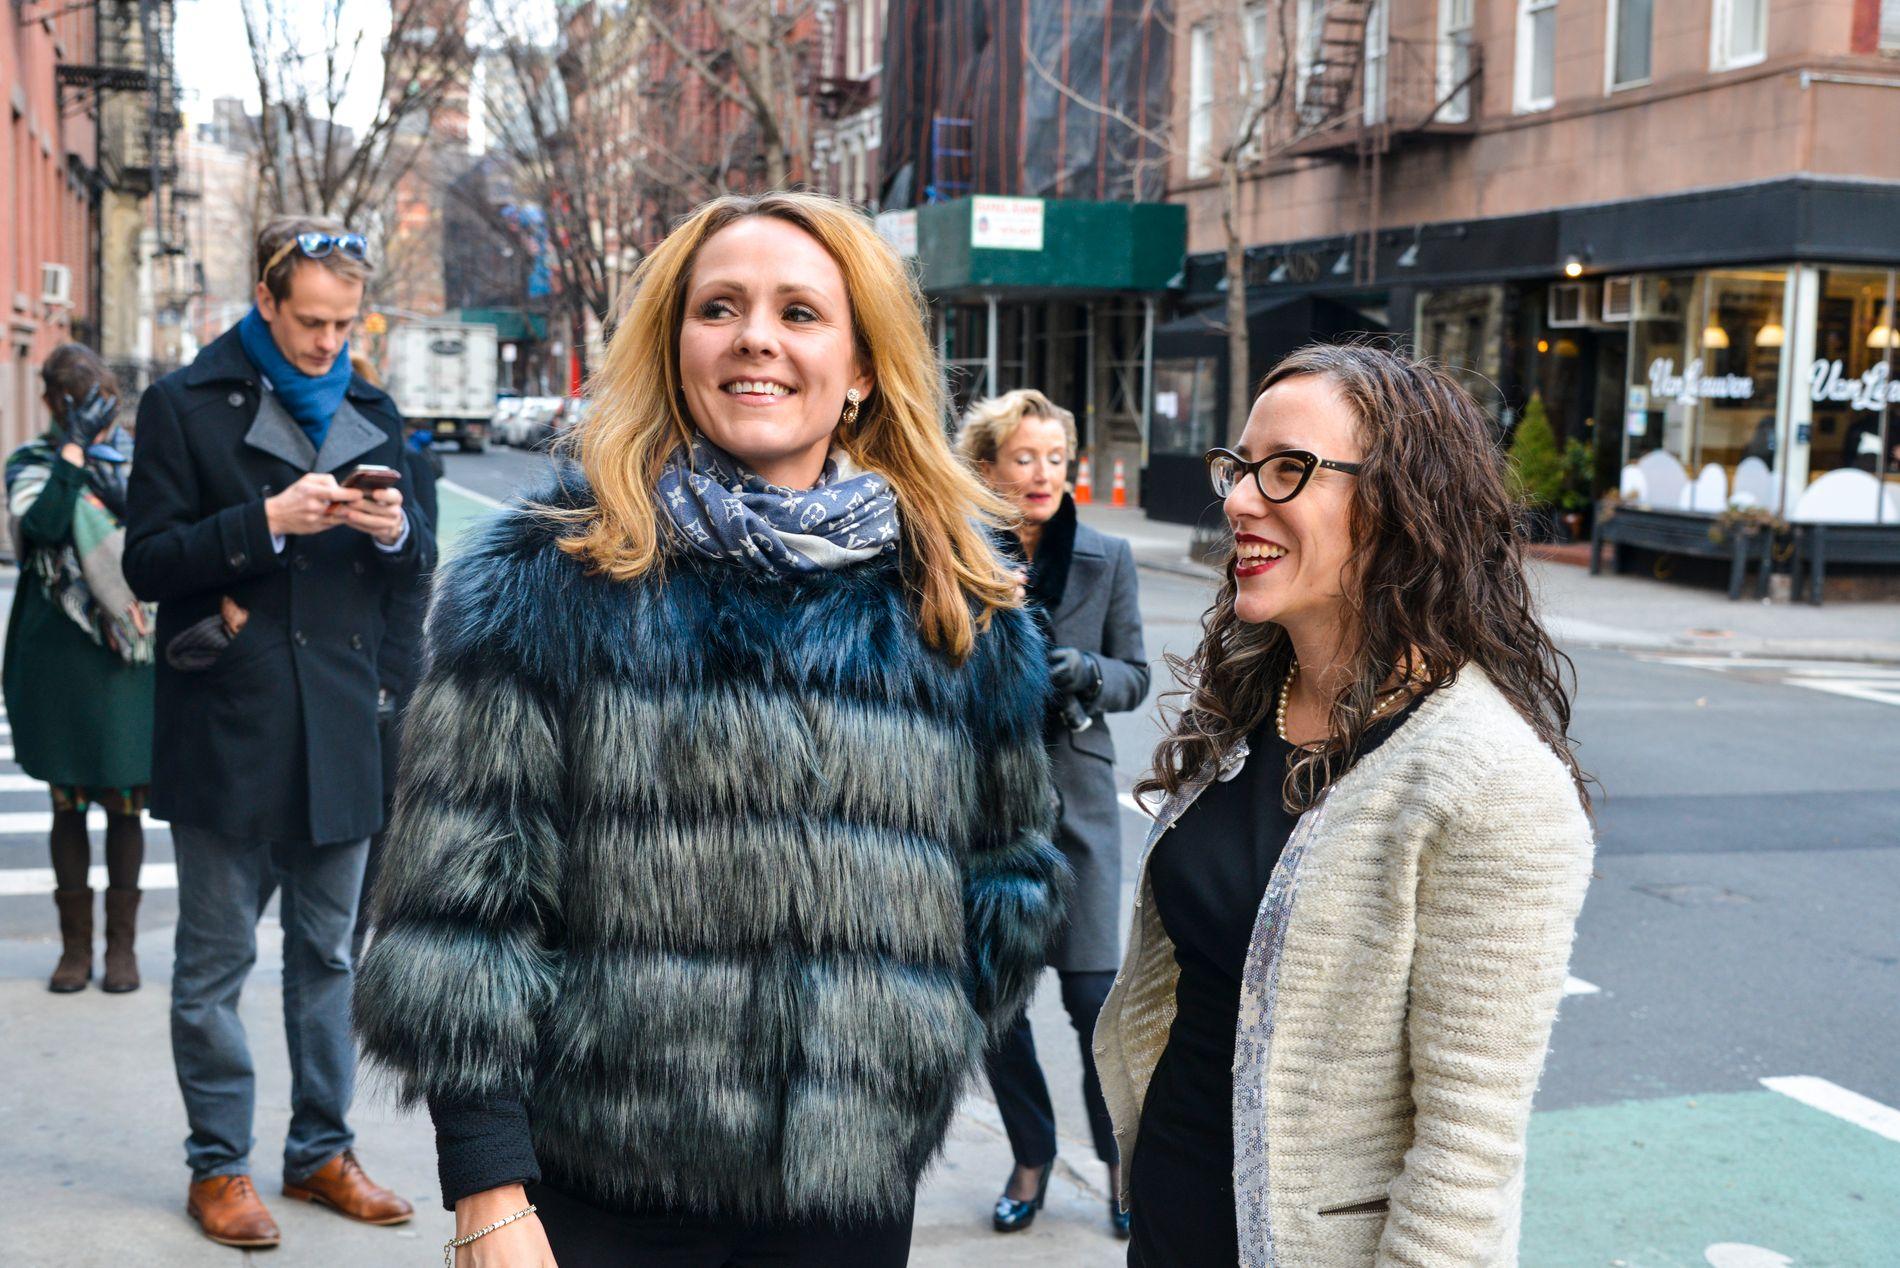 MØTTES: Barne- og likestillingsminister Linda Helleland og Jessica Stern i  OutRight Action International utenfor baren Julius i Greenwich Village i New York.